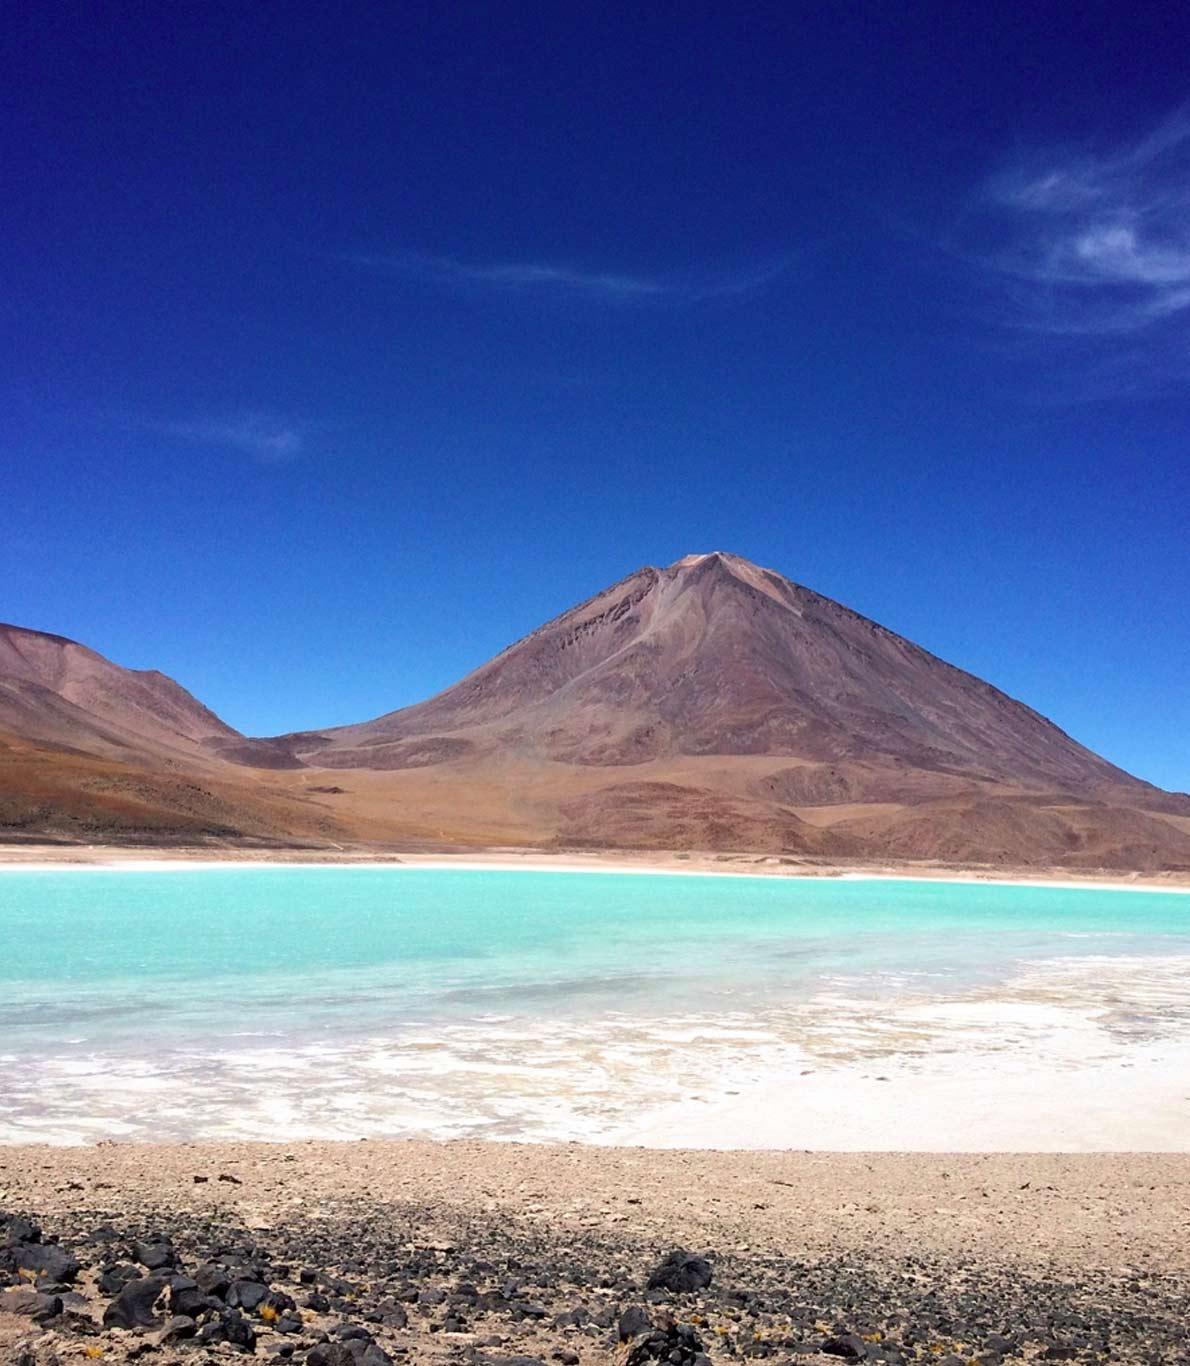 Salar de Uyuni na Bolívia. Em primeiro plano, rochas pretas e areia. Ao fundo, duas montanhas. No meio, um lago azul claro com acumulações de sal junto à areia.